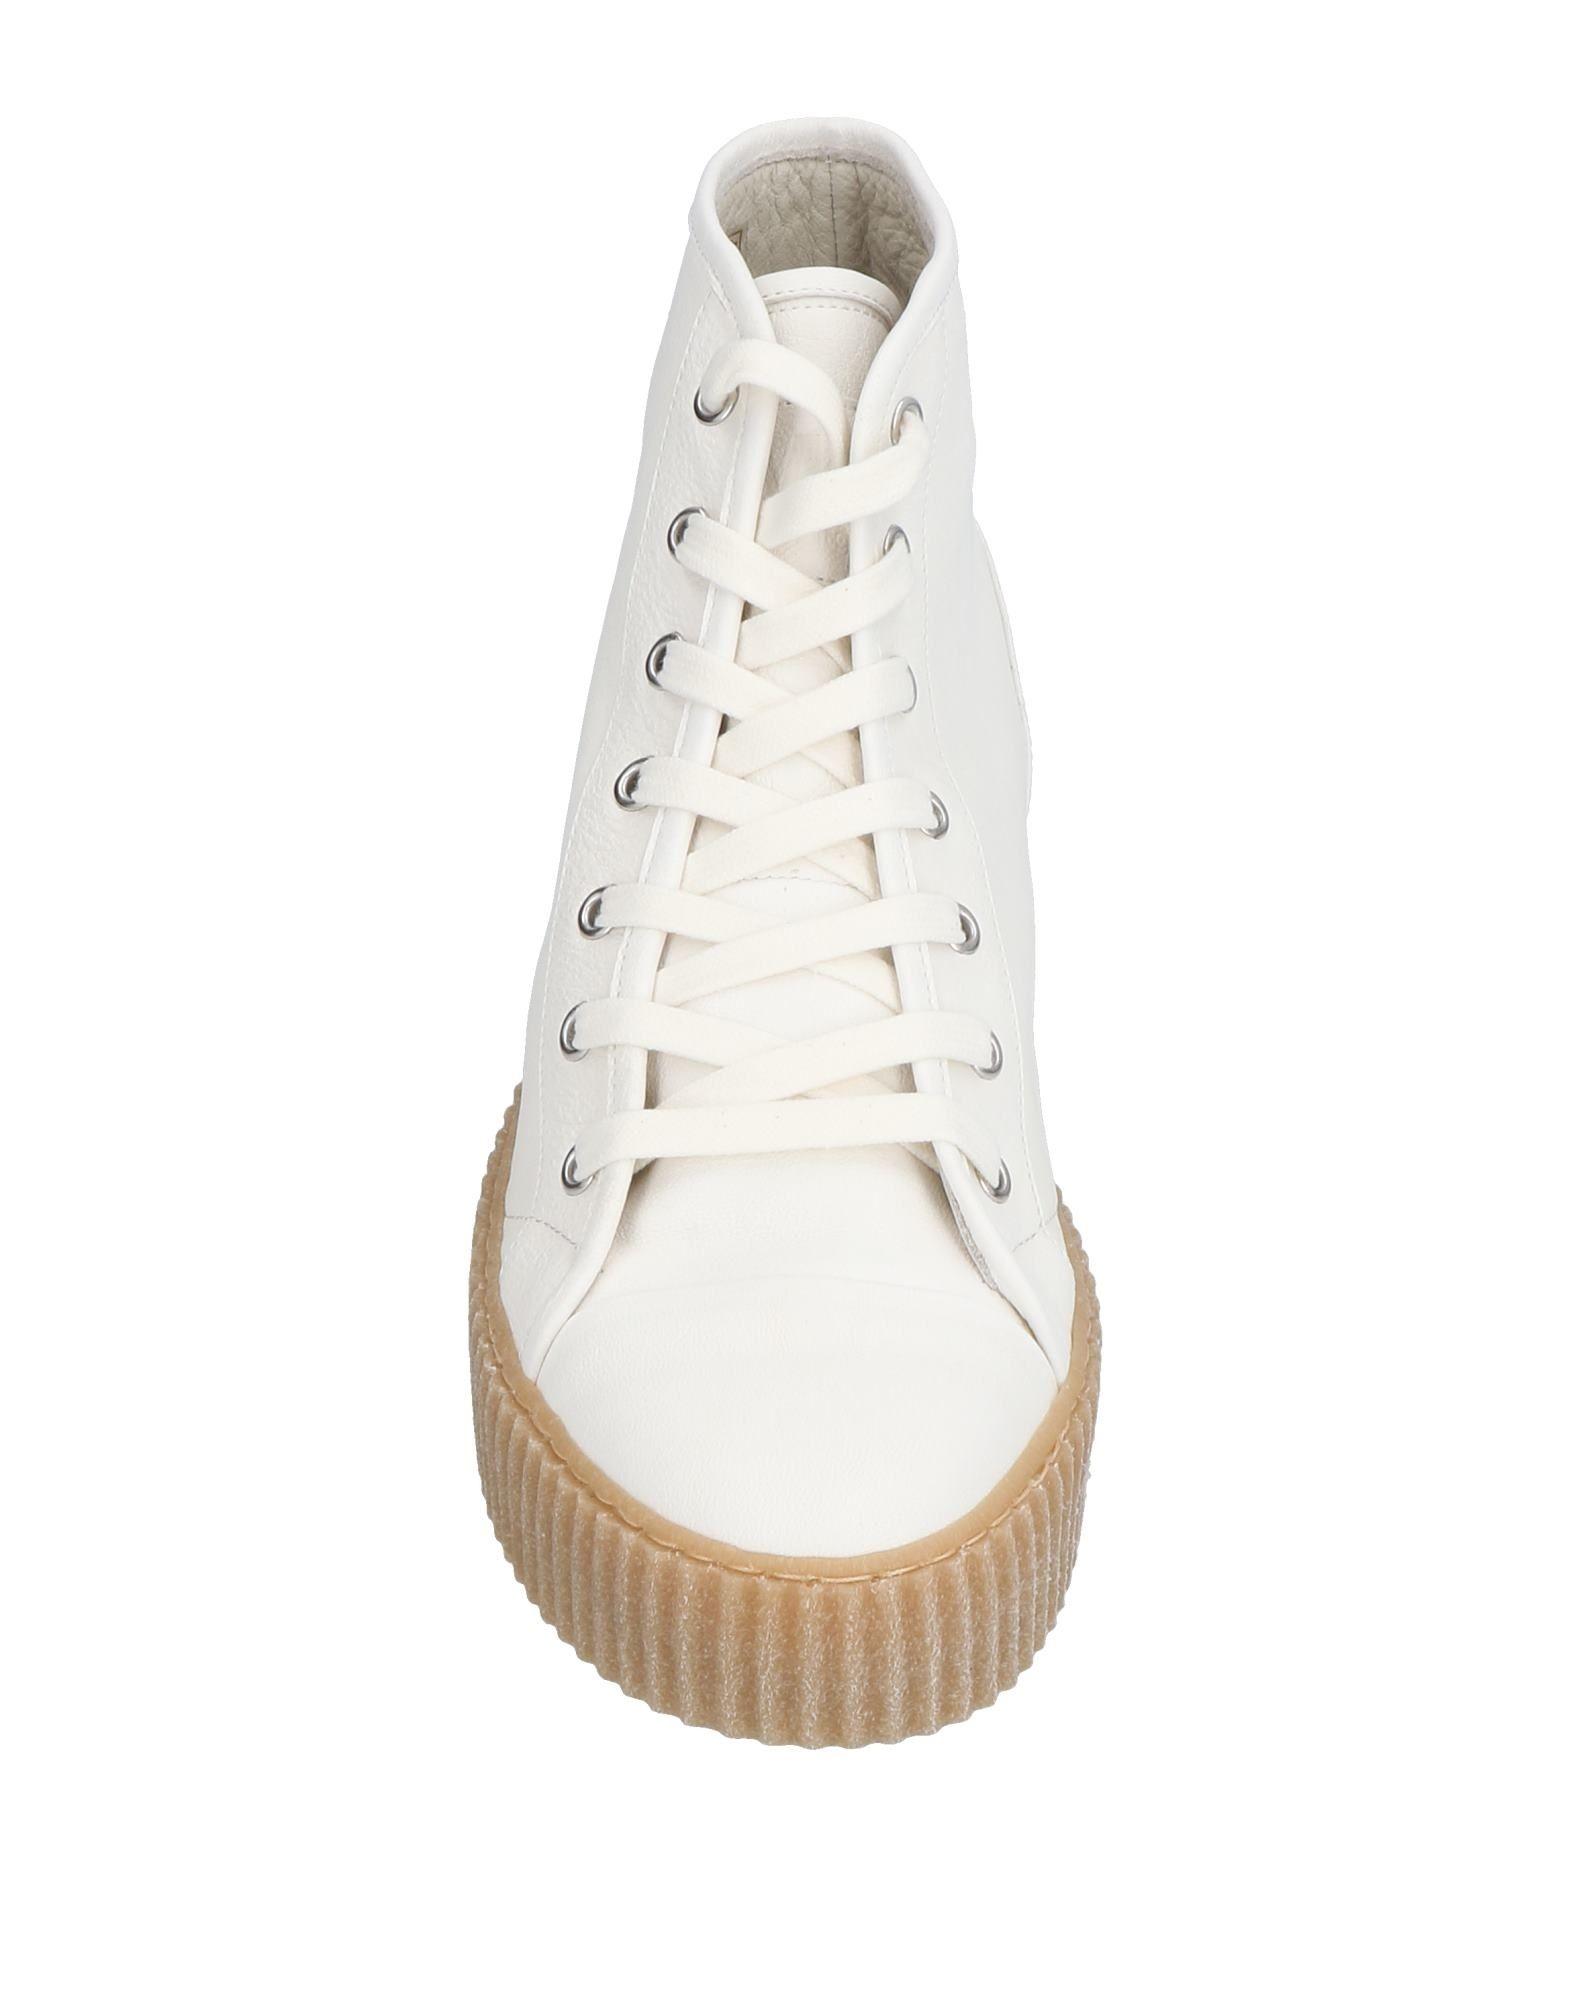 Mm6 Maison Margiela Sneakers - Women Women Women Mm6 Maison Margiela Sneakers online on  United Kingdom - 11478203IK b15d5e